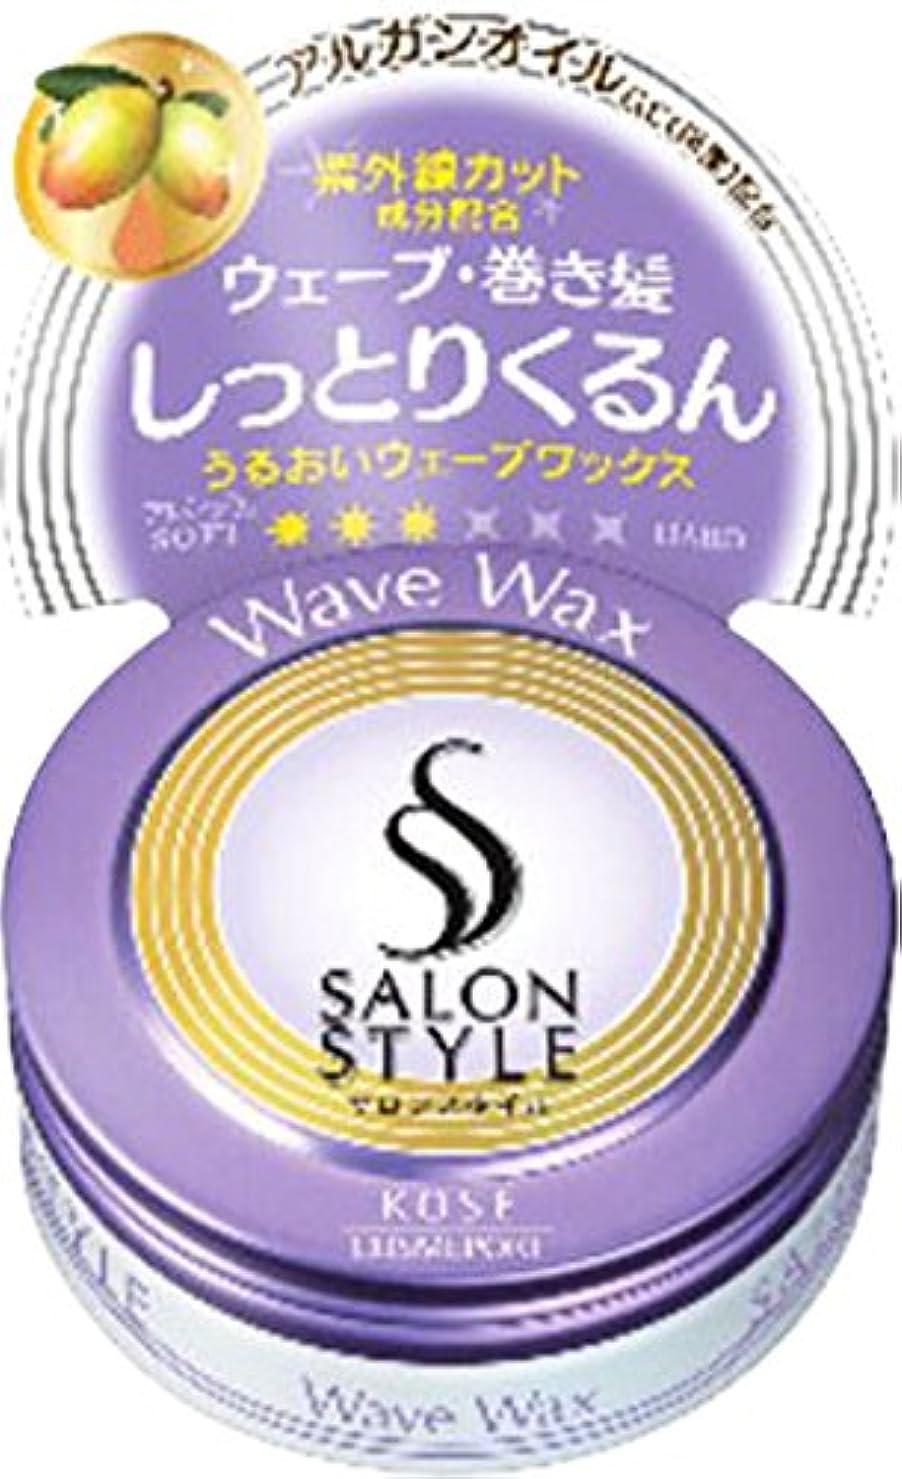 ミンチ誘惑ラグKOSE コーセー SALON STYLE(サロンスタイル) ヘアワックスD ぷるるんウェーブ ミニ 22g